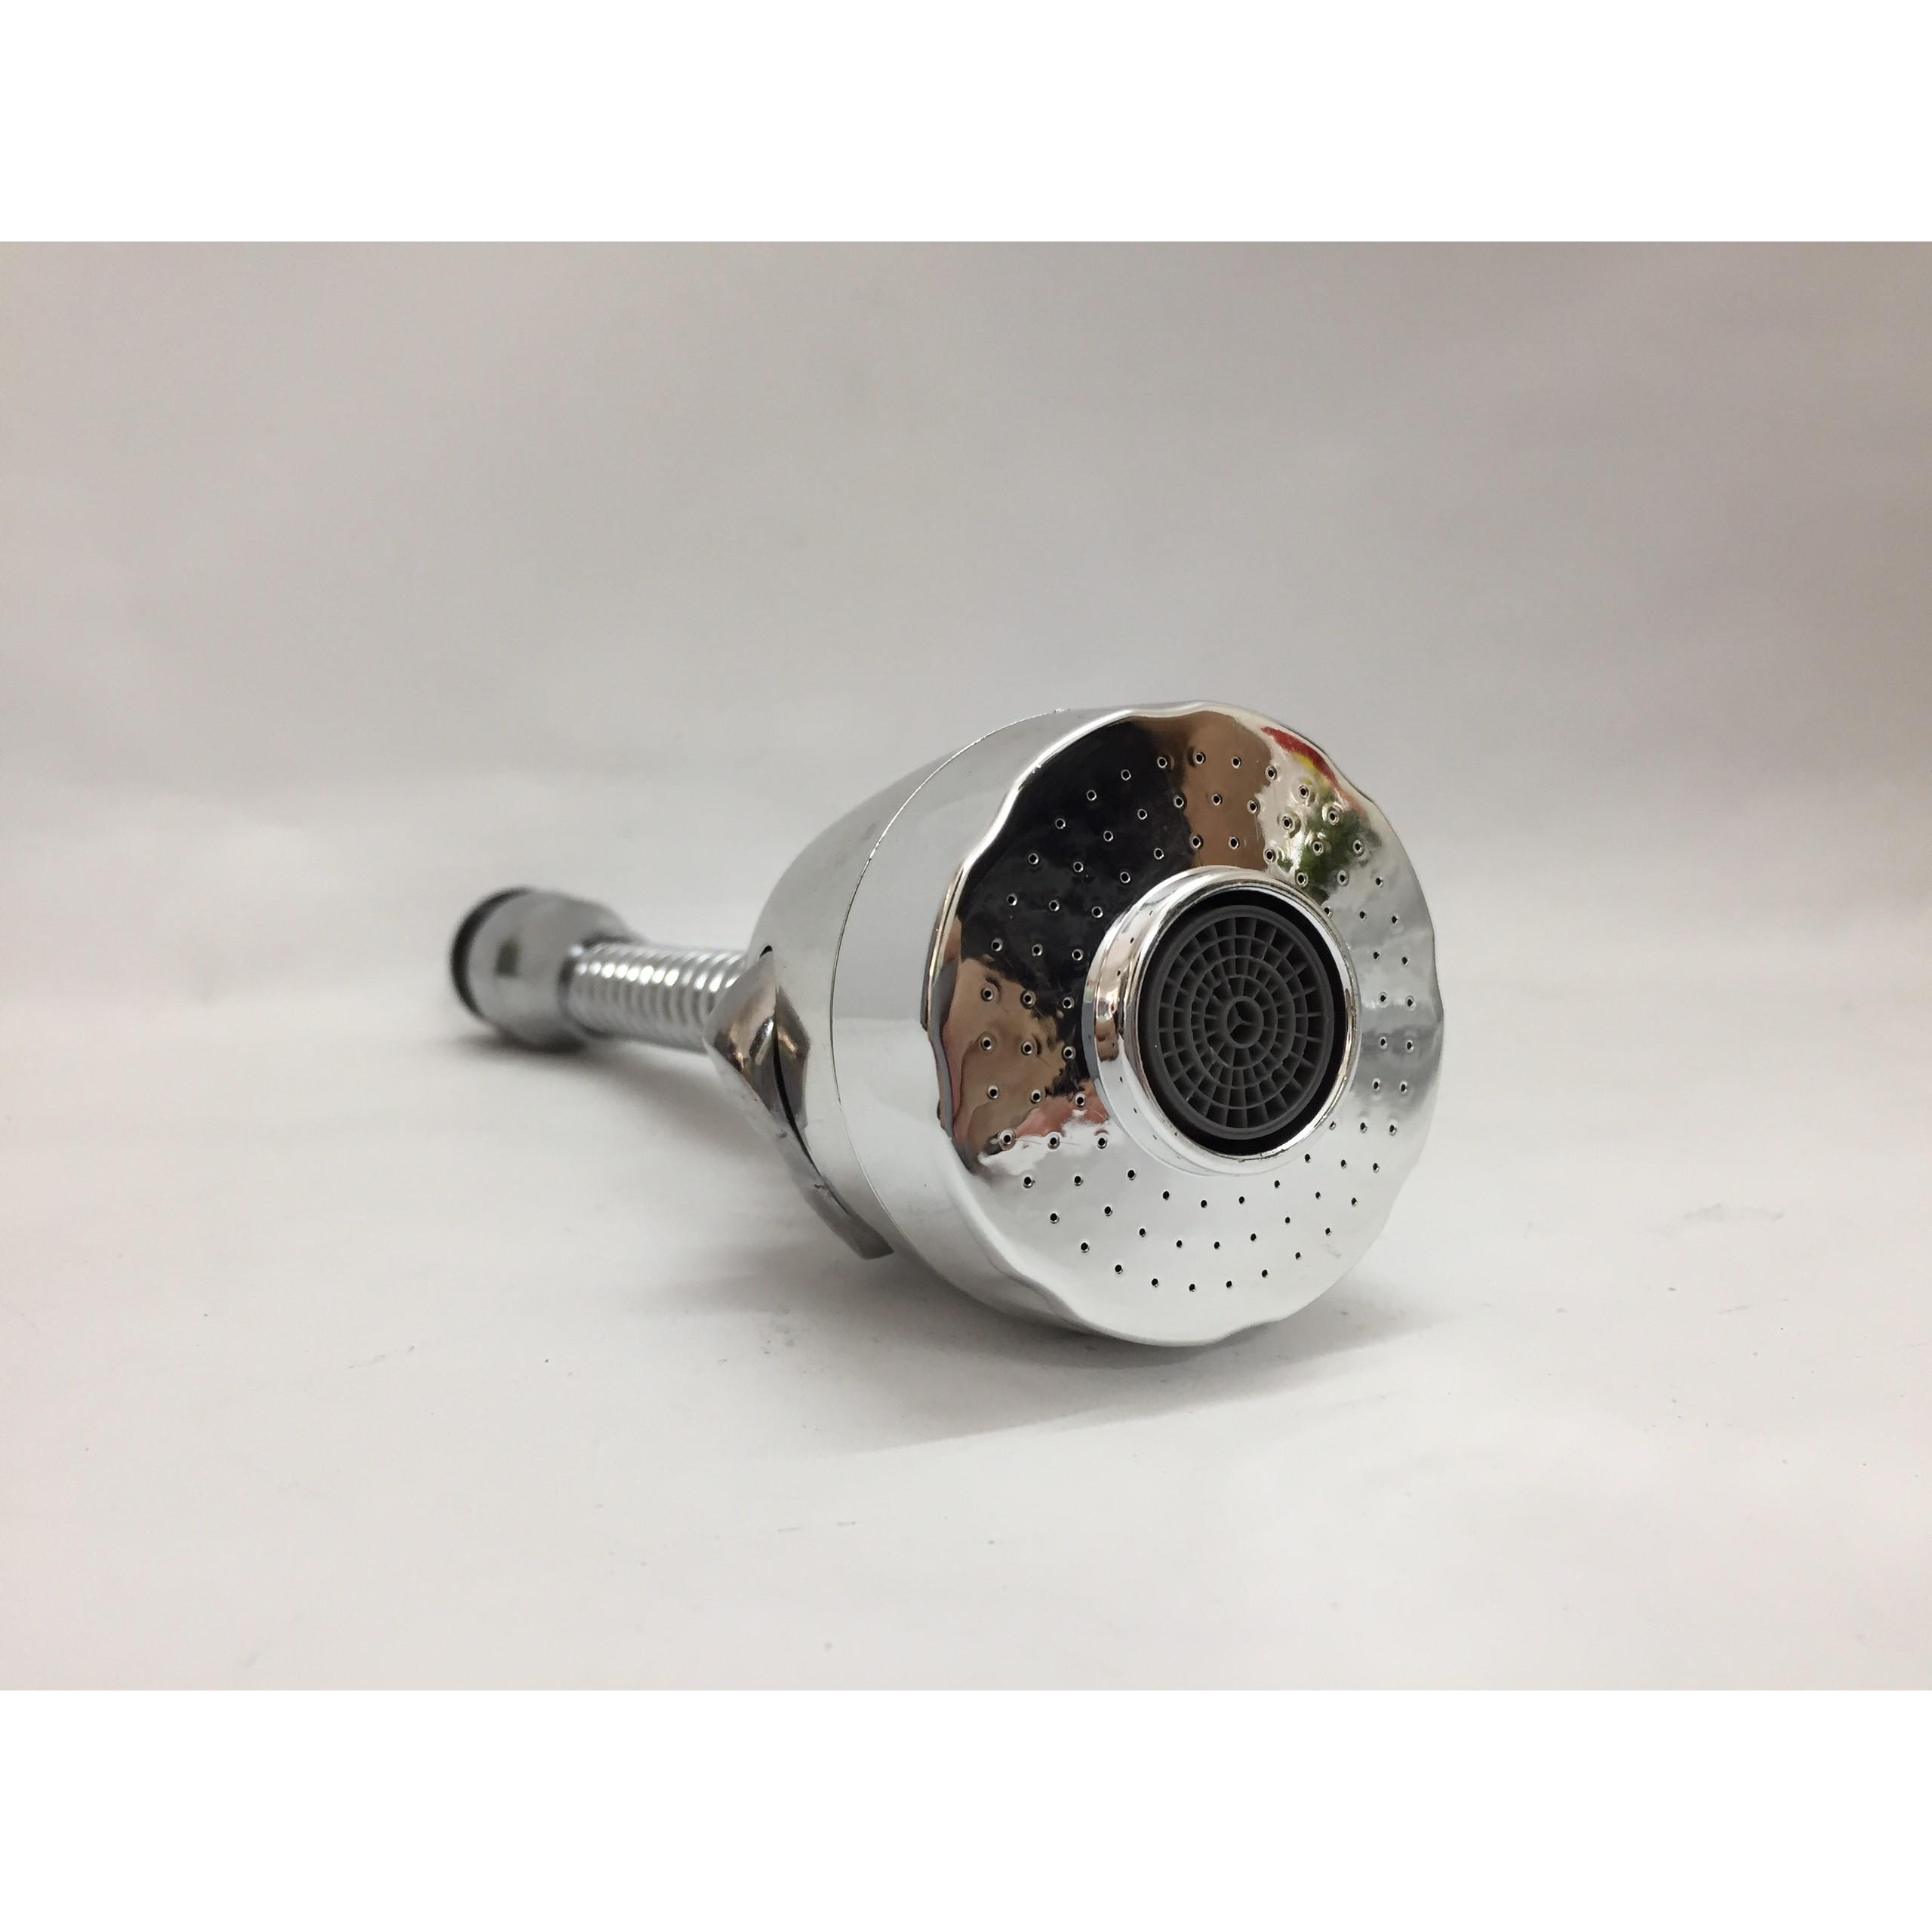 Đầu vòi tăng áp lực nươc xoay 360 độ